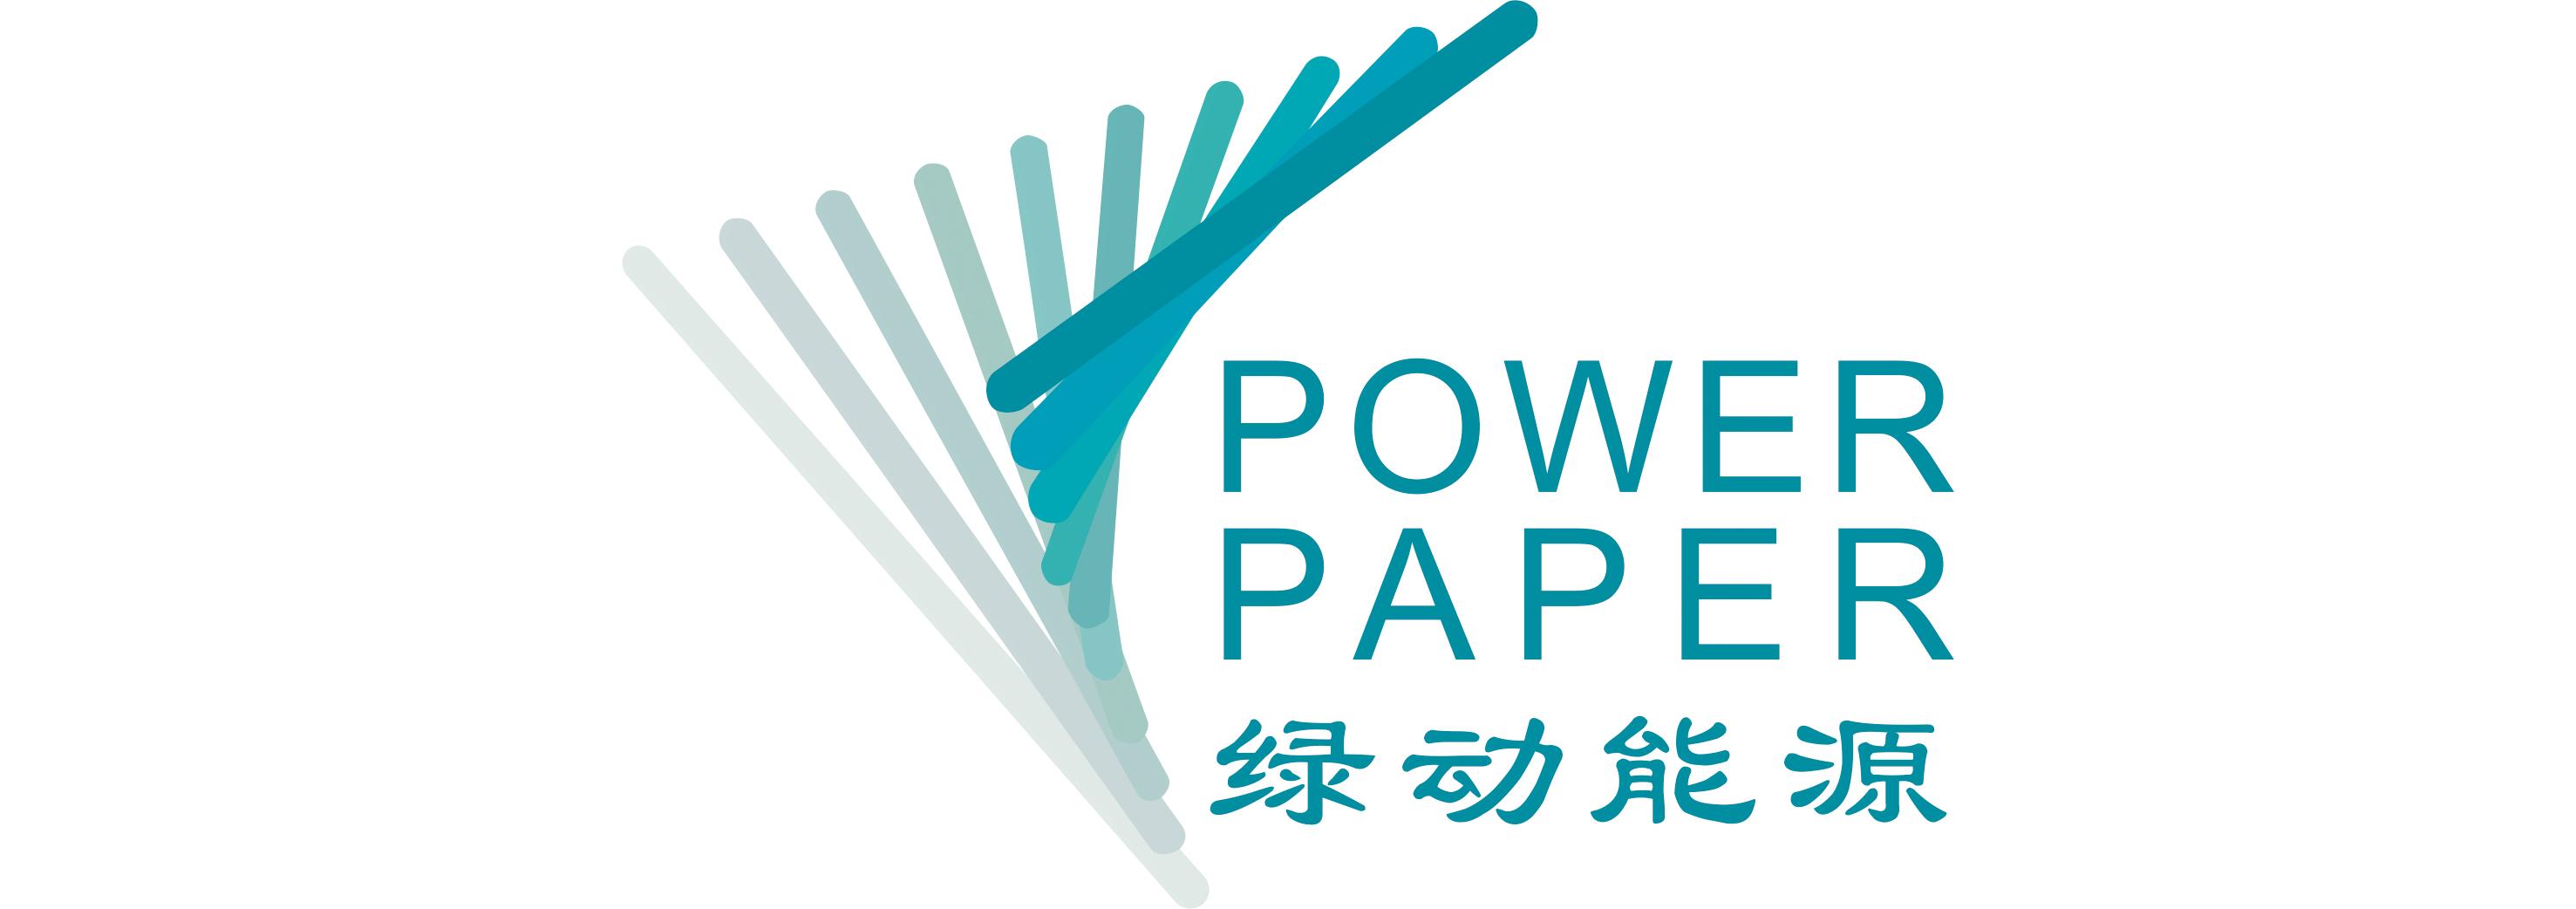 天津绿动能源科技有限公司-深圳物联网展会